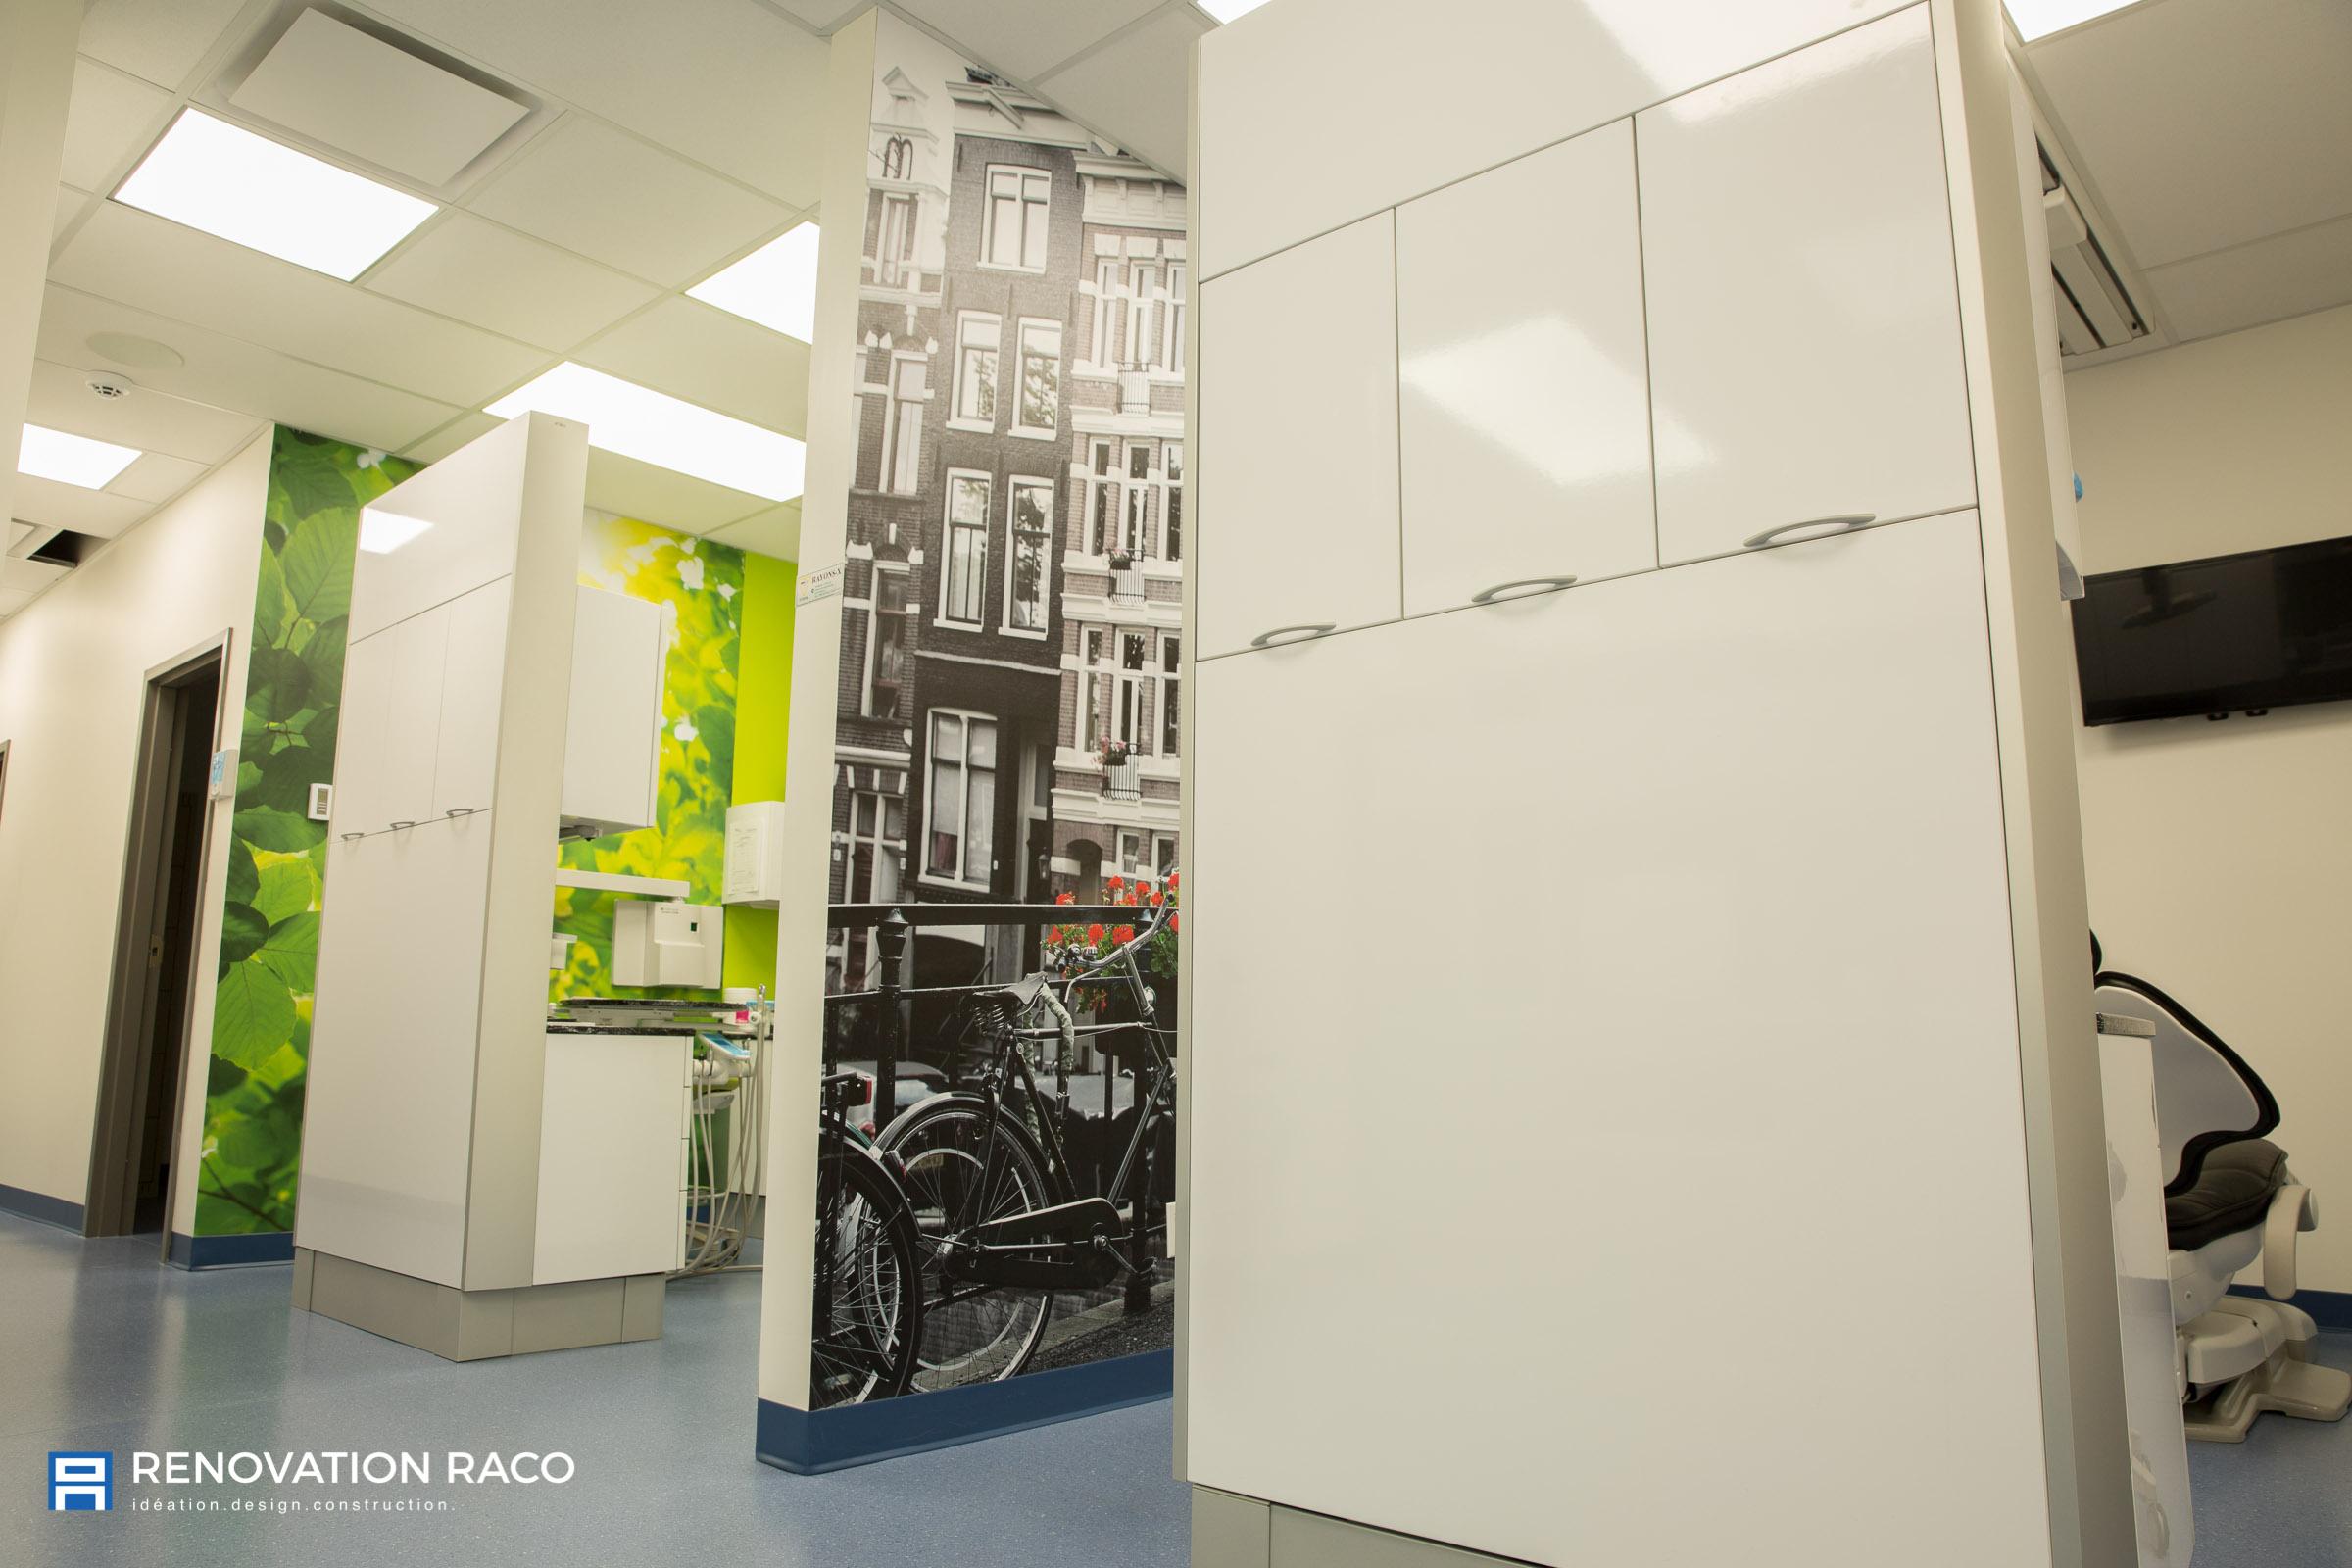 Renovation-Raco-Montreal-clinique Beydoun-05.jpg